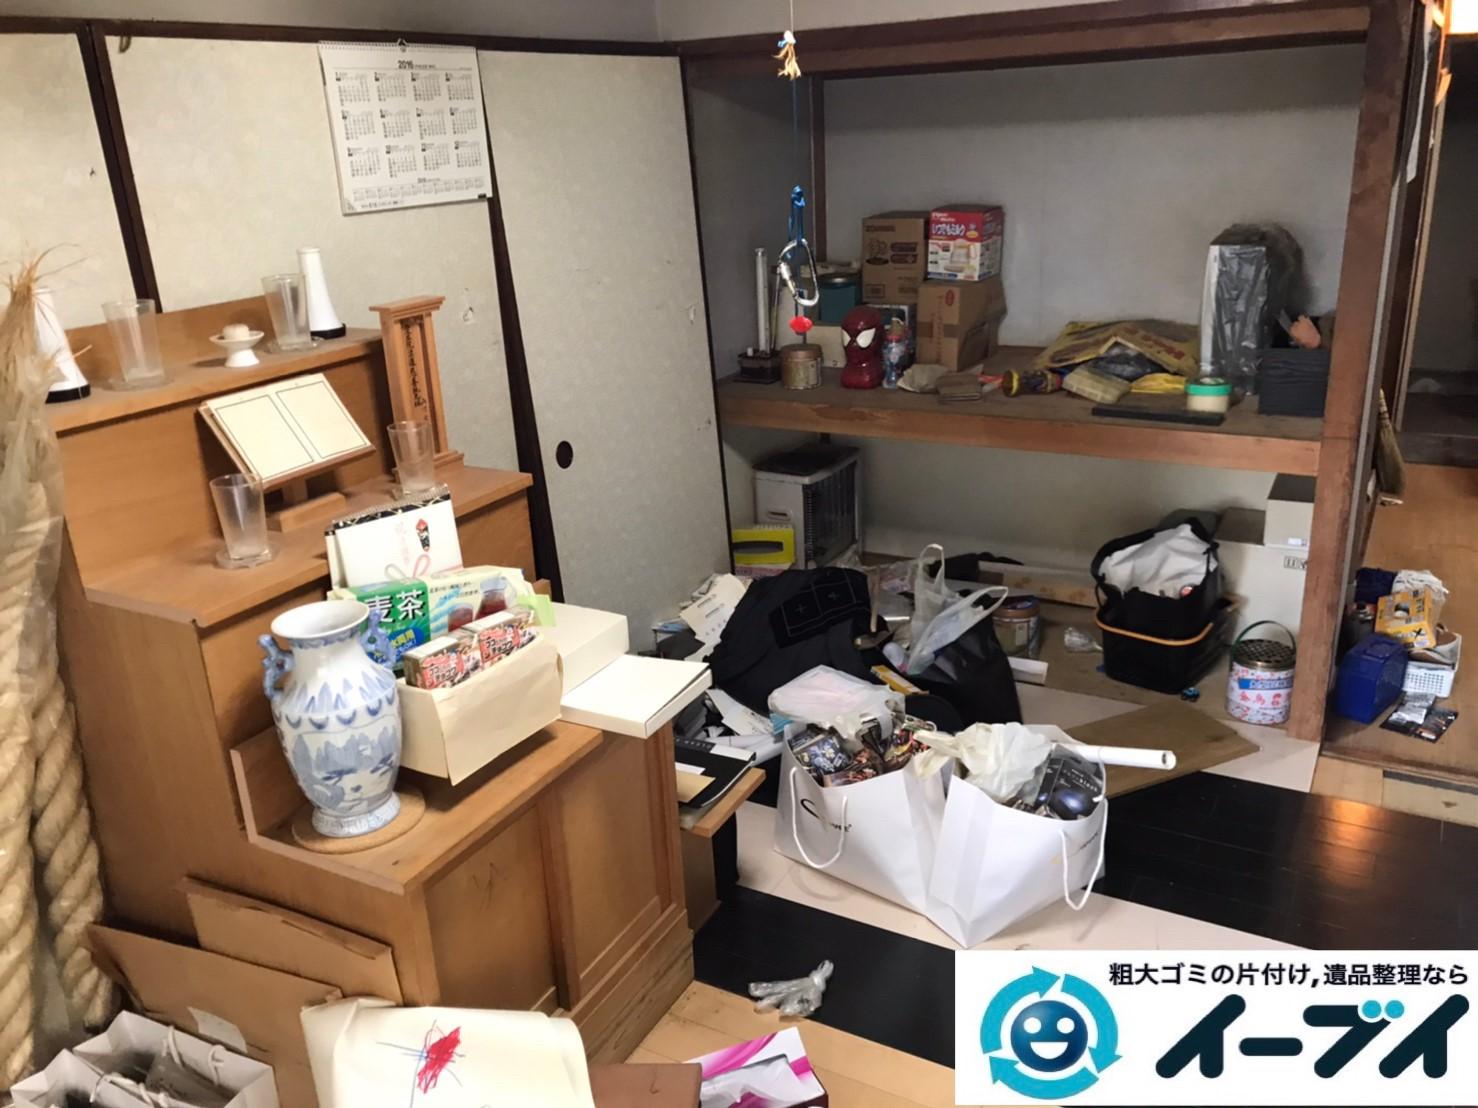 2020年4月9日大阪府大阪市北区で引越しに伴い、神棚やお家の家財道具を一式処分させていただきました。写真1